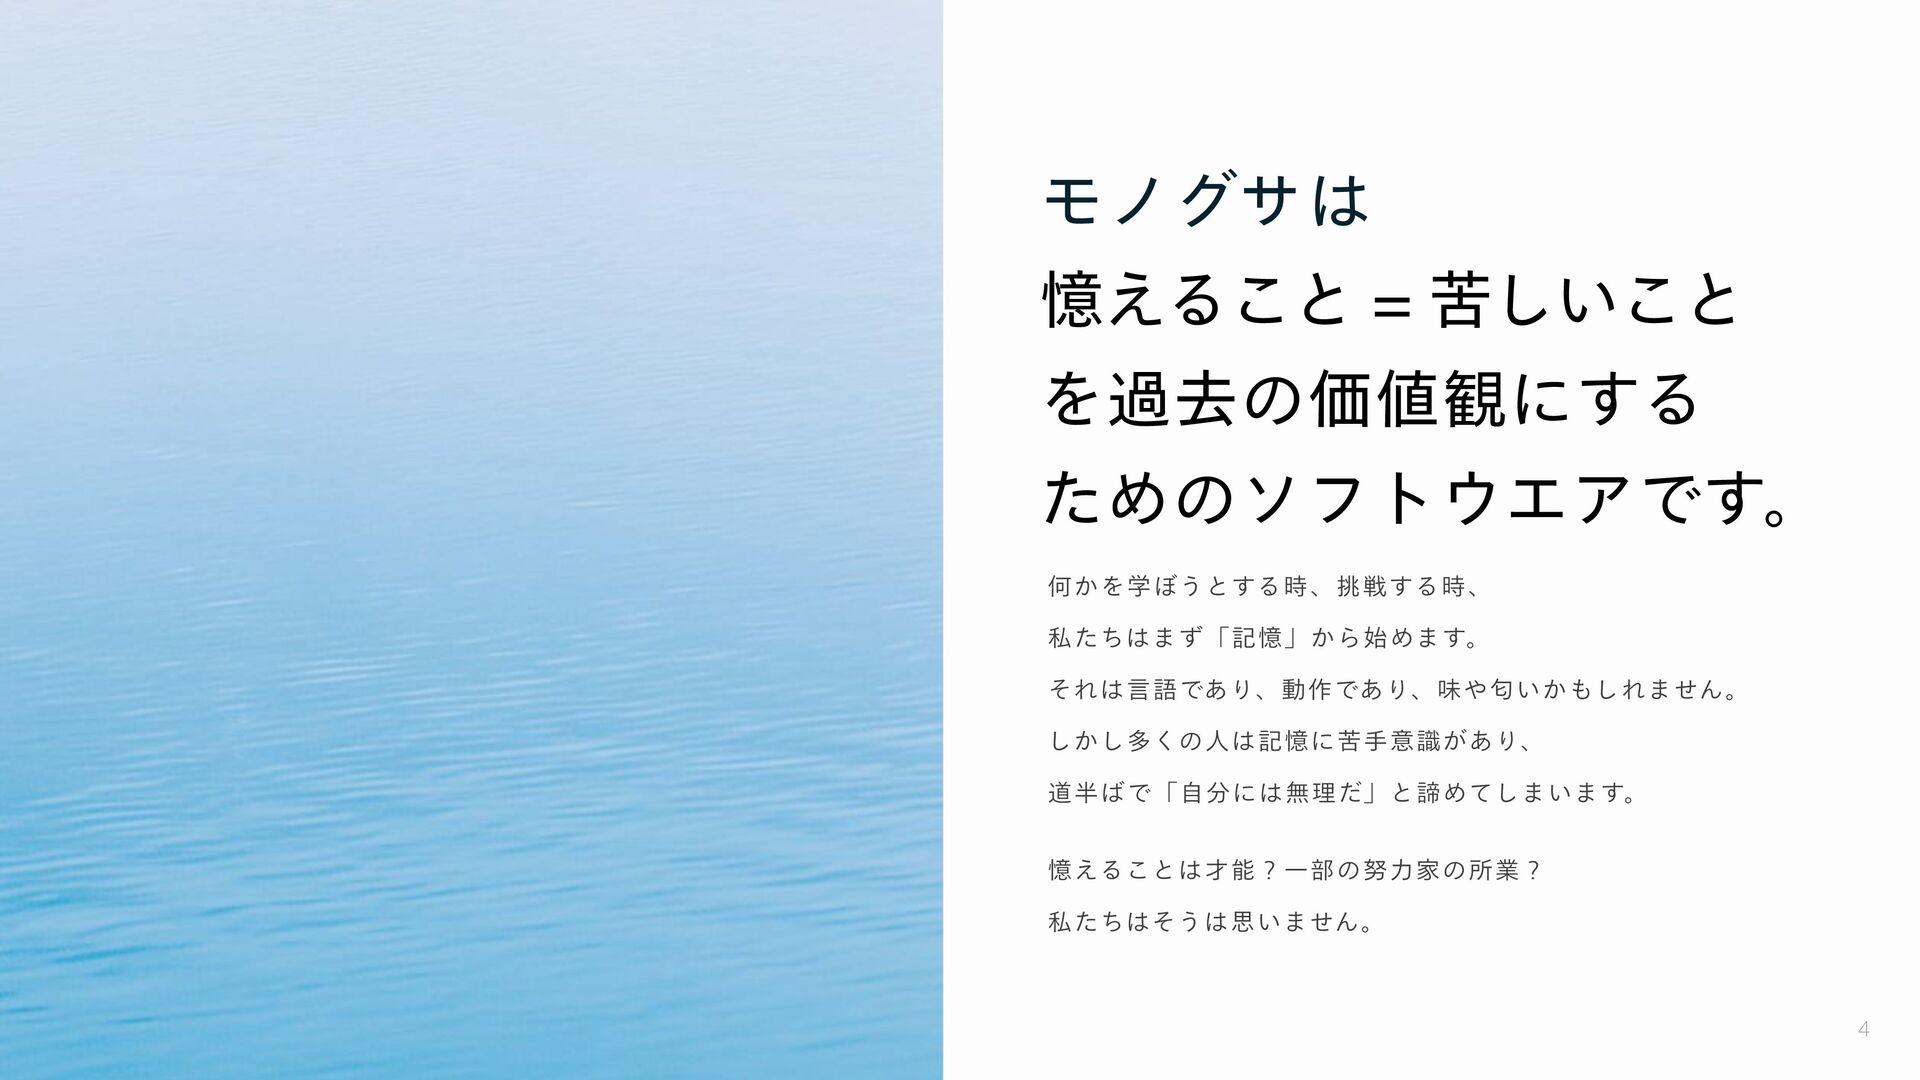 @Monoxer, Inc. ͡Ίʹ 4 Կ͔Λֶ΅͏ͱ͢Δɺઓ͢Δɺ ࢲͨͪ·ͣ...